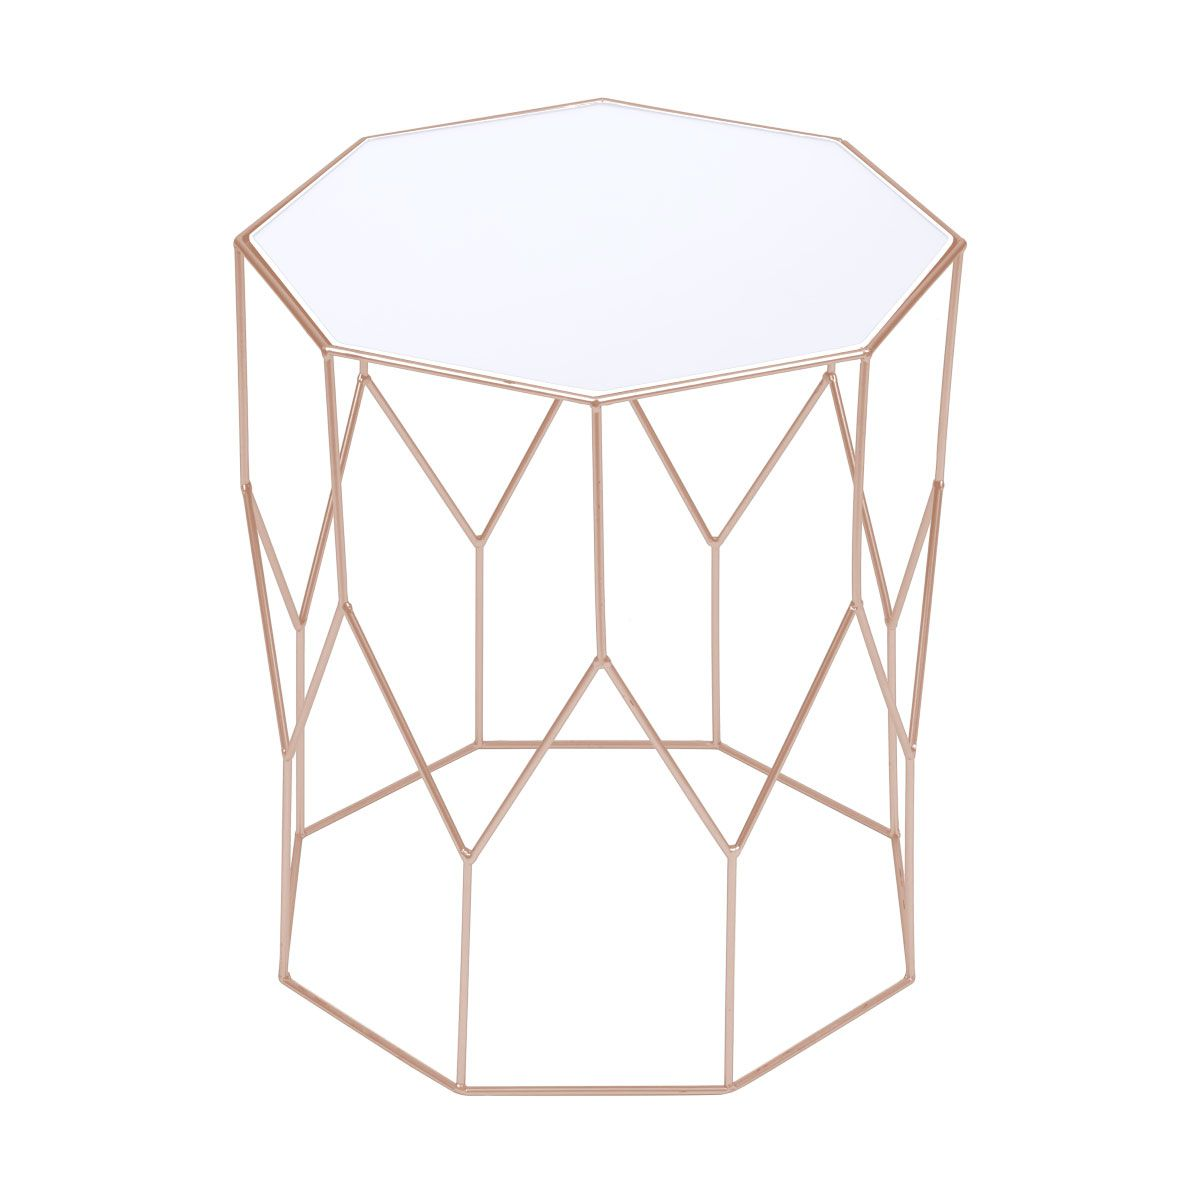 Mesa de Apoio Ainah com Tampo Espelhado e Estrutura em Metal Dourada